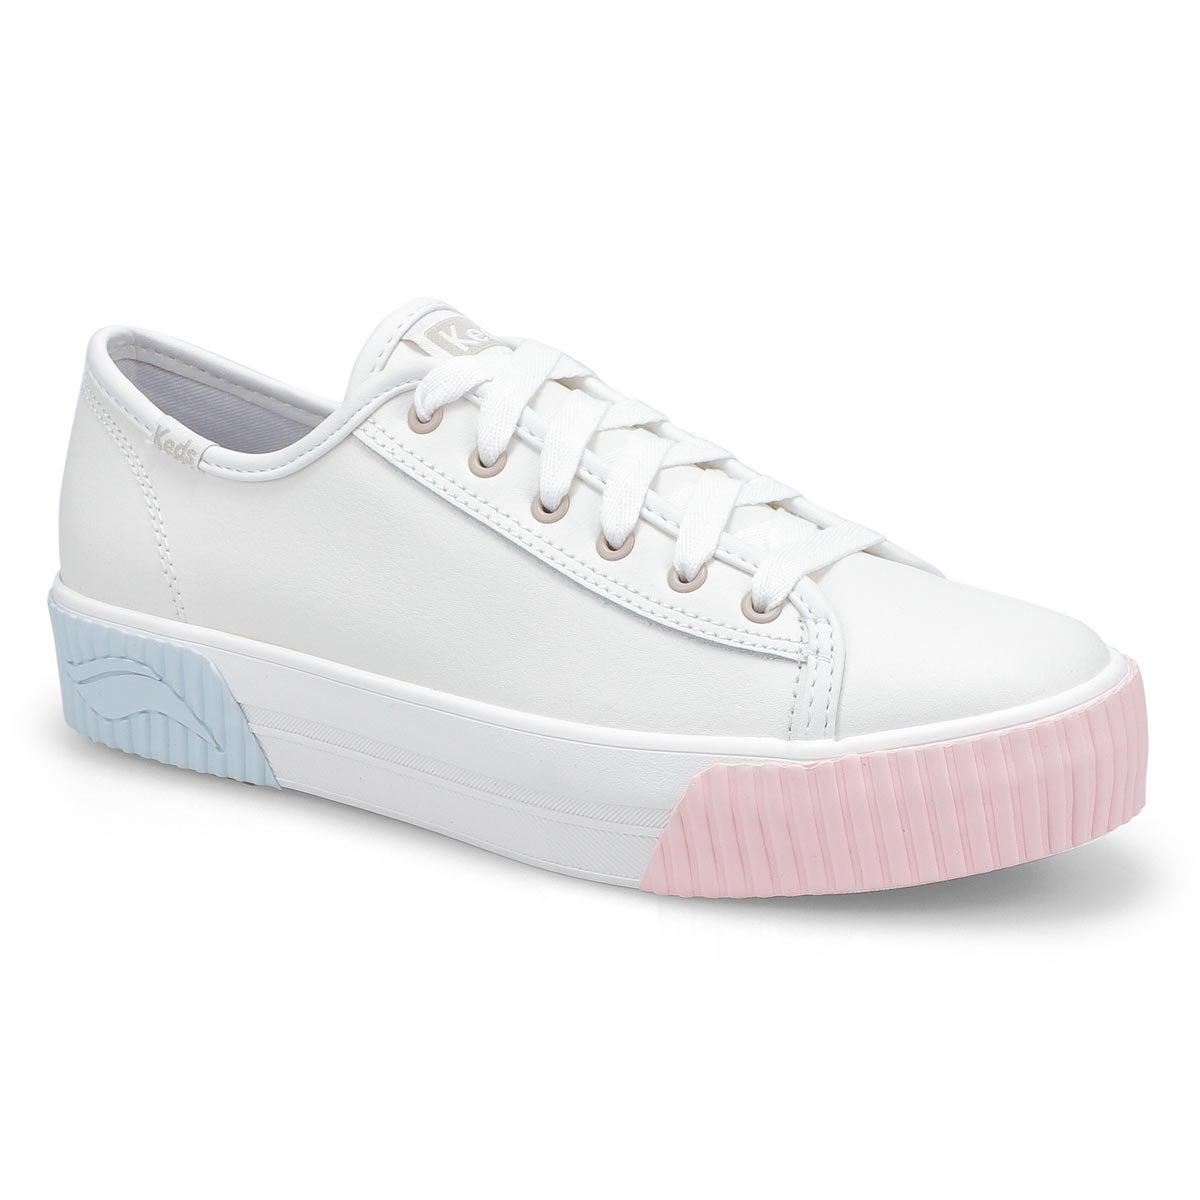 Women's Triple Kick Amp Sneaker - White/Multi